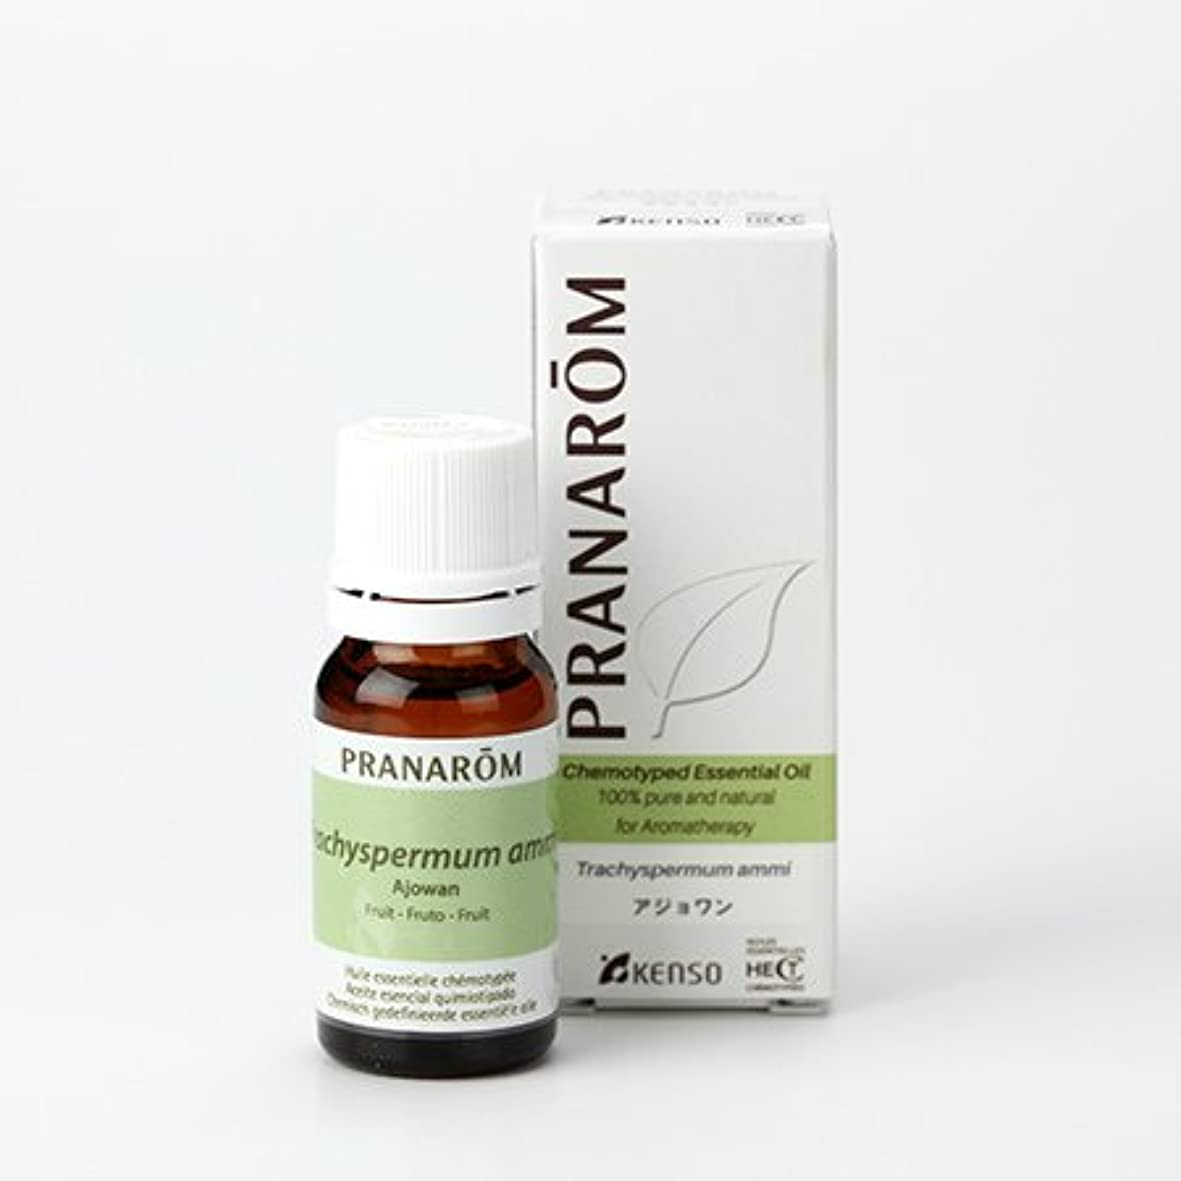 免除スーツスキッパープラナロム アジョワン 10ml (PRANAROM ケモタイプ精油)